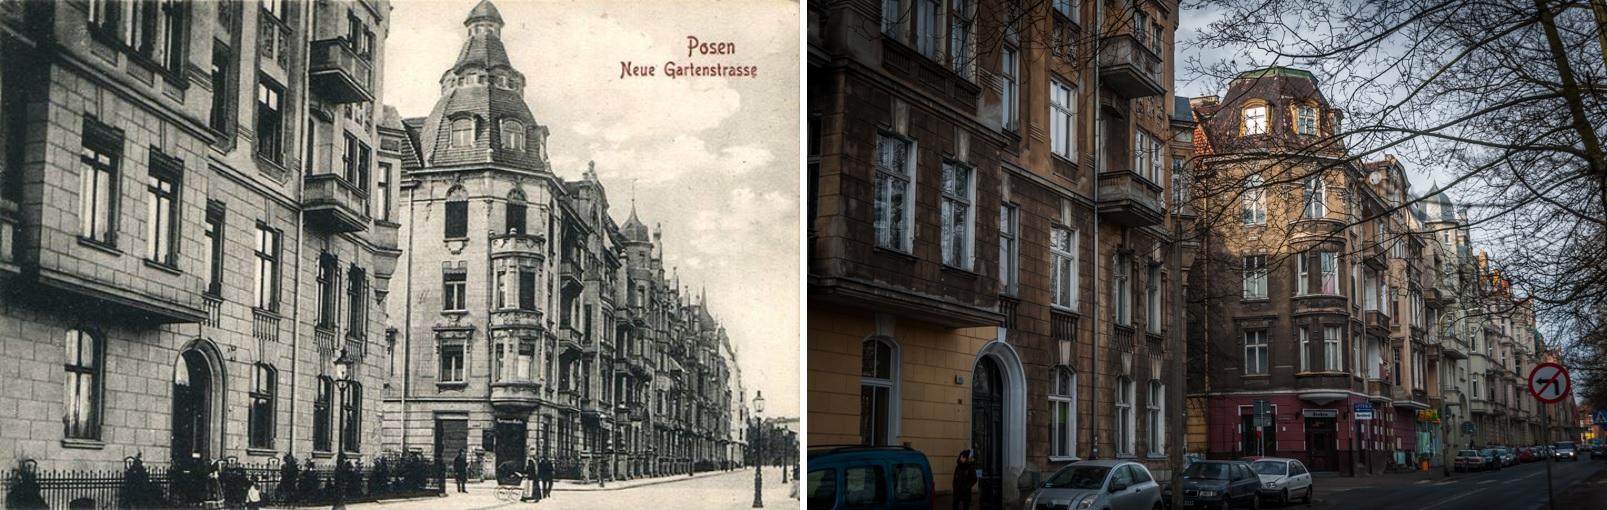 Matejki Neue Gartenstrasse 1905-15 2